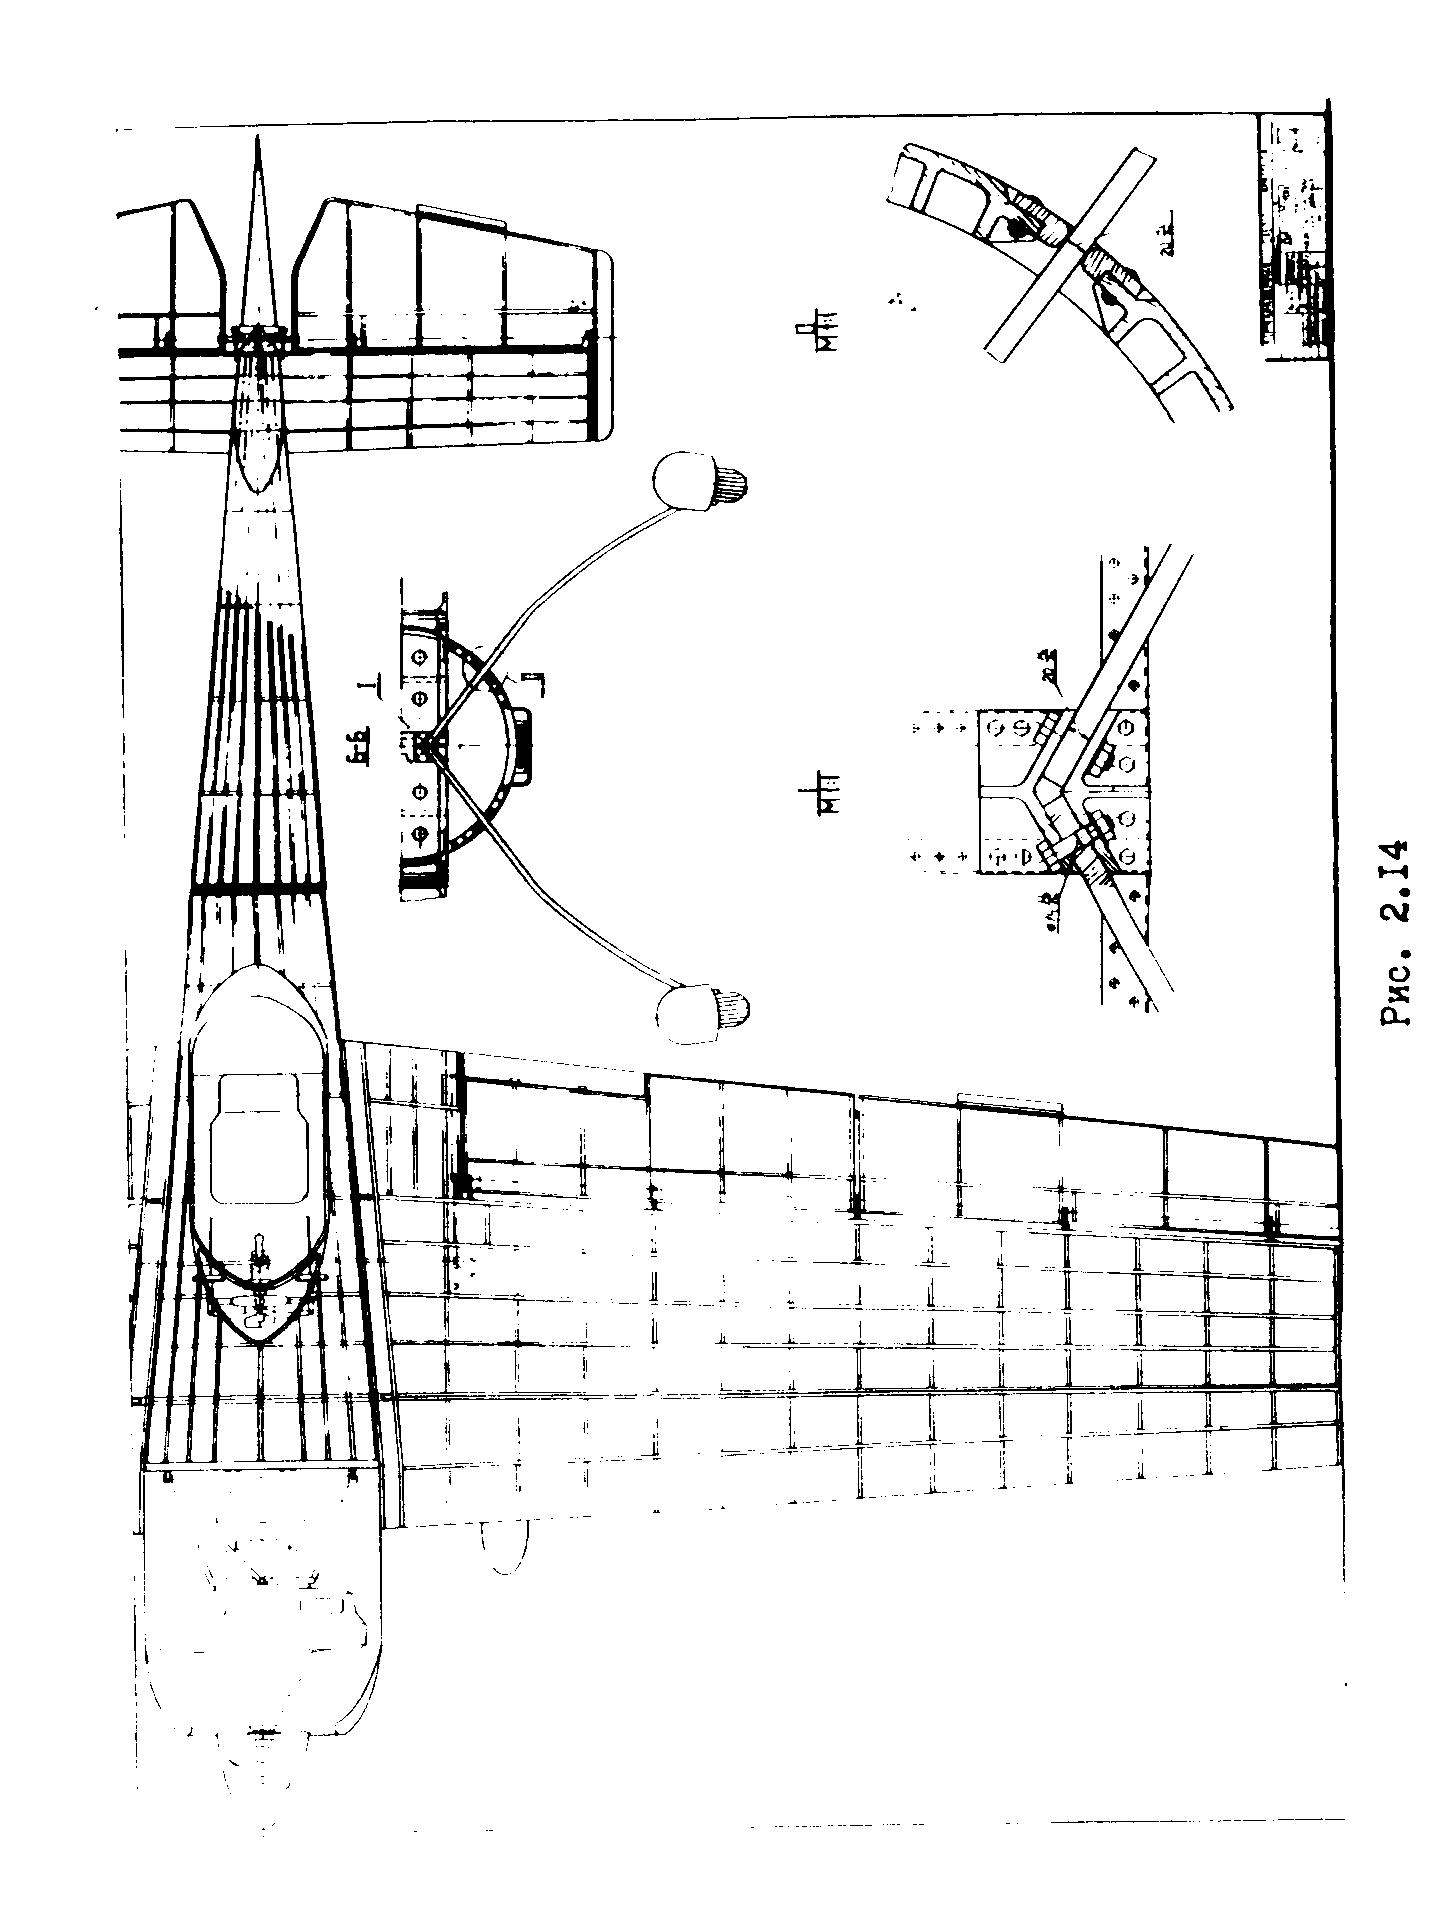 Объемная компоновка и центровка самолета Боковая и плановая проекции самолета